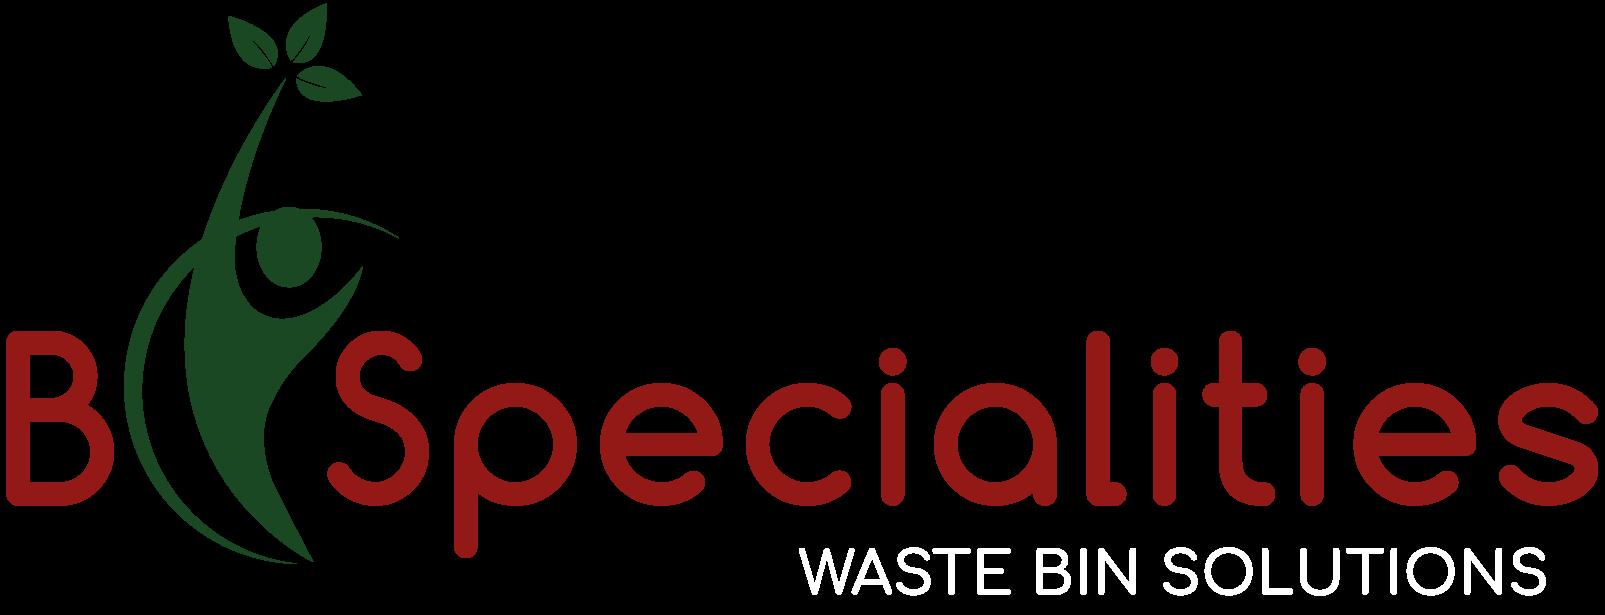 Bspecialities-logo-mettekstwit-RGB